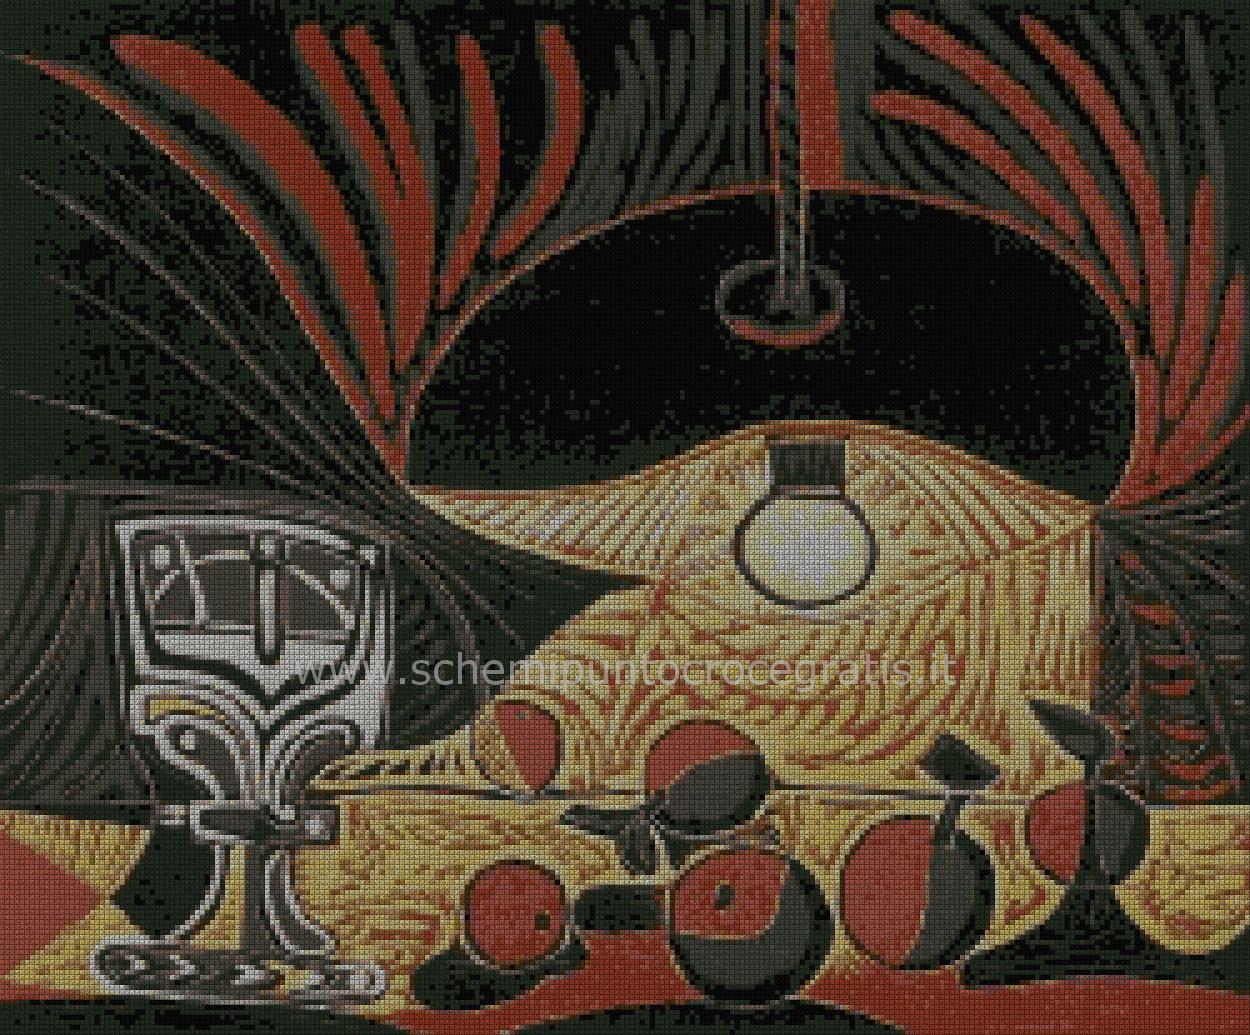 pittori_moderni/picasso/Picasso41.jpg